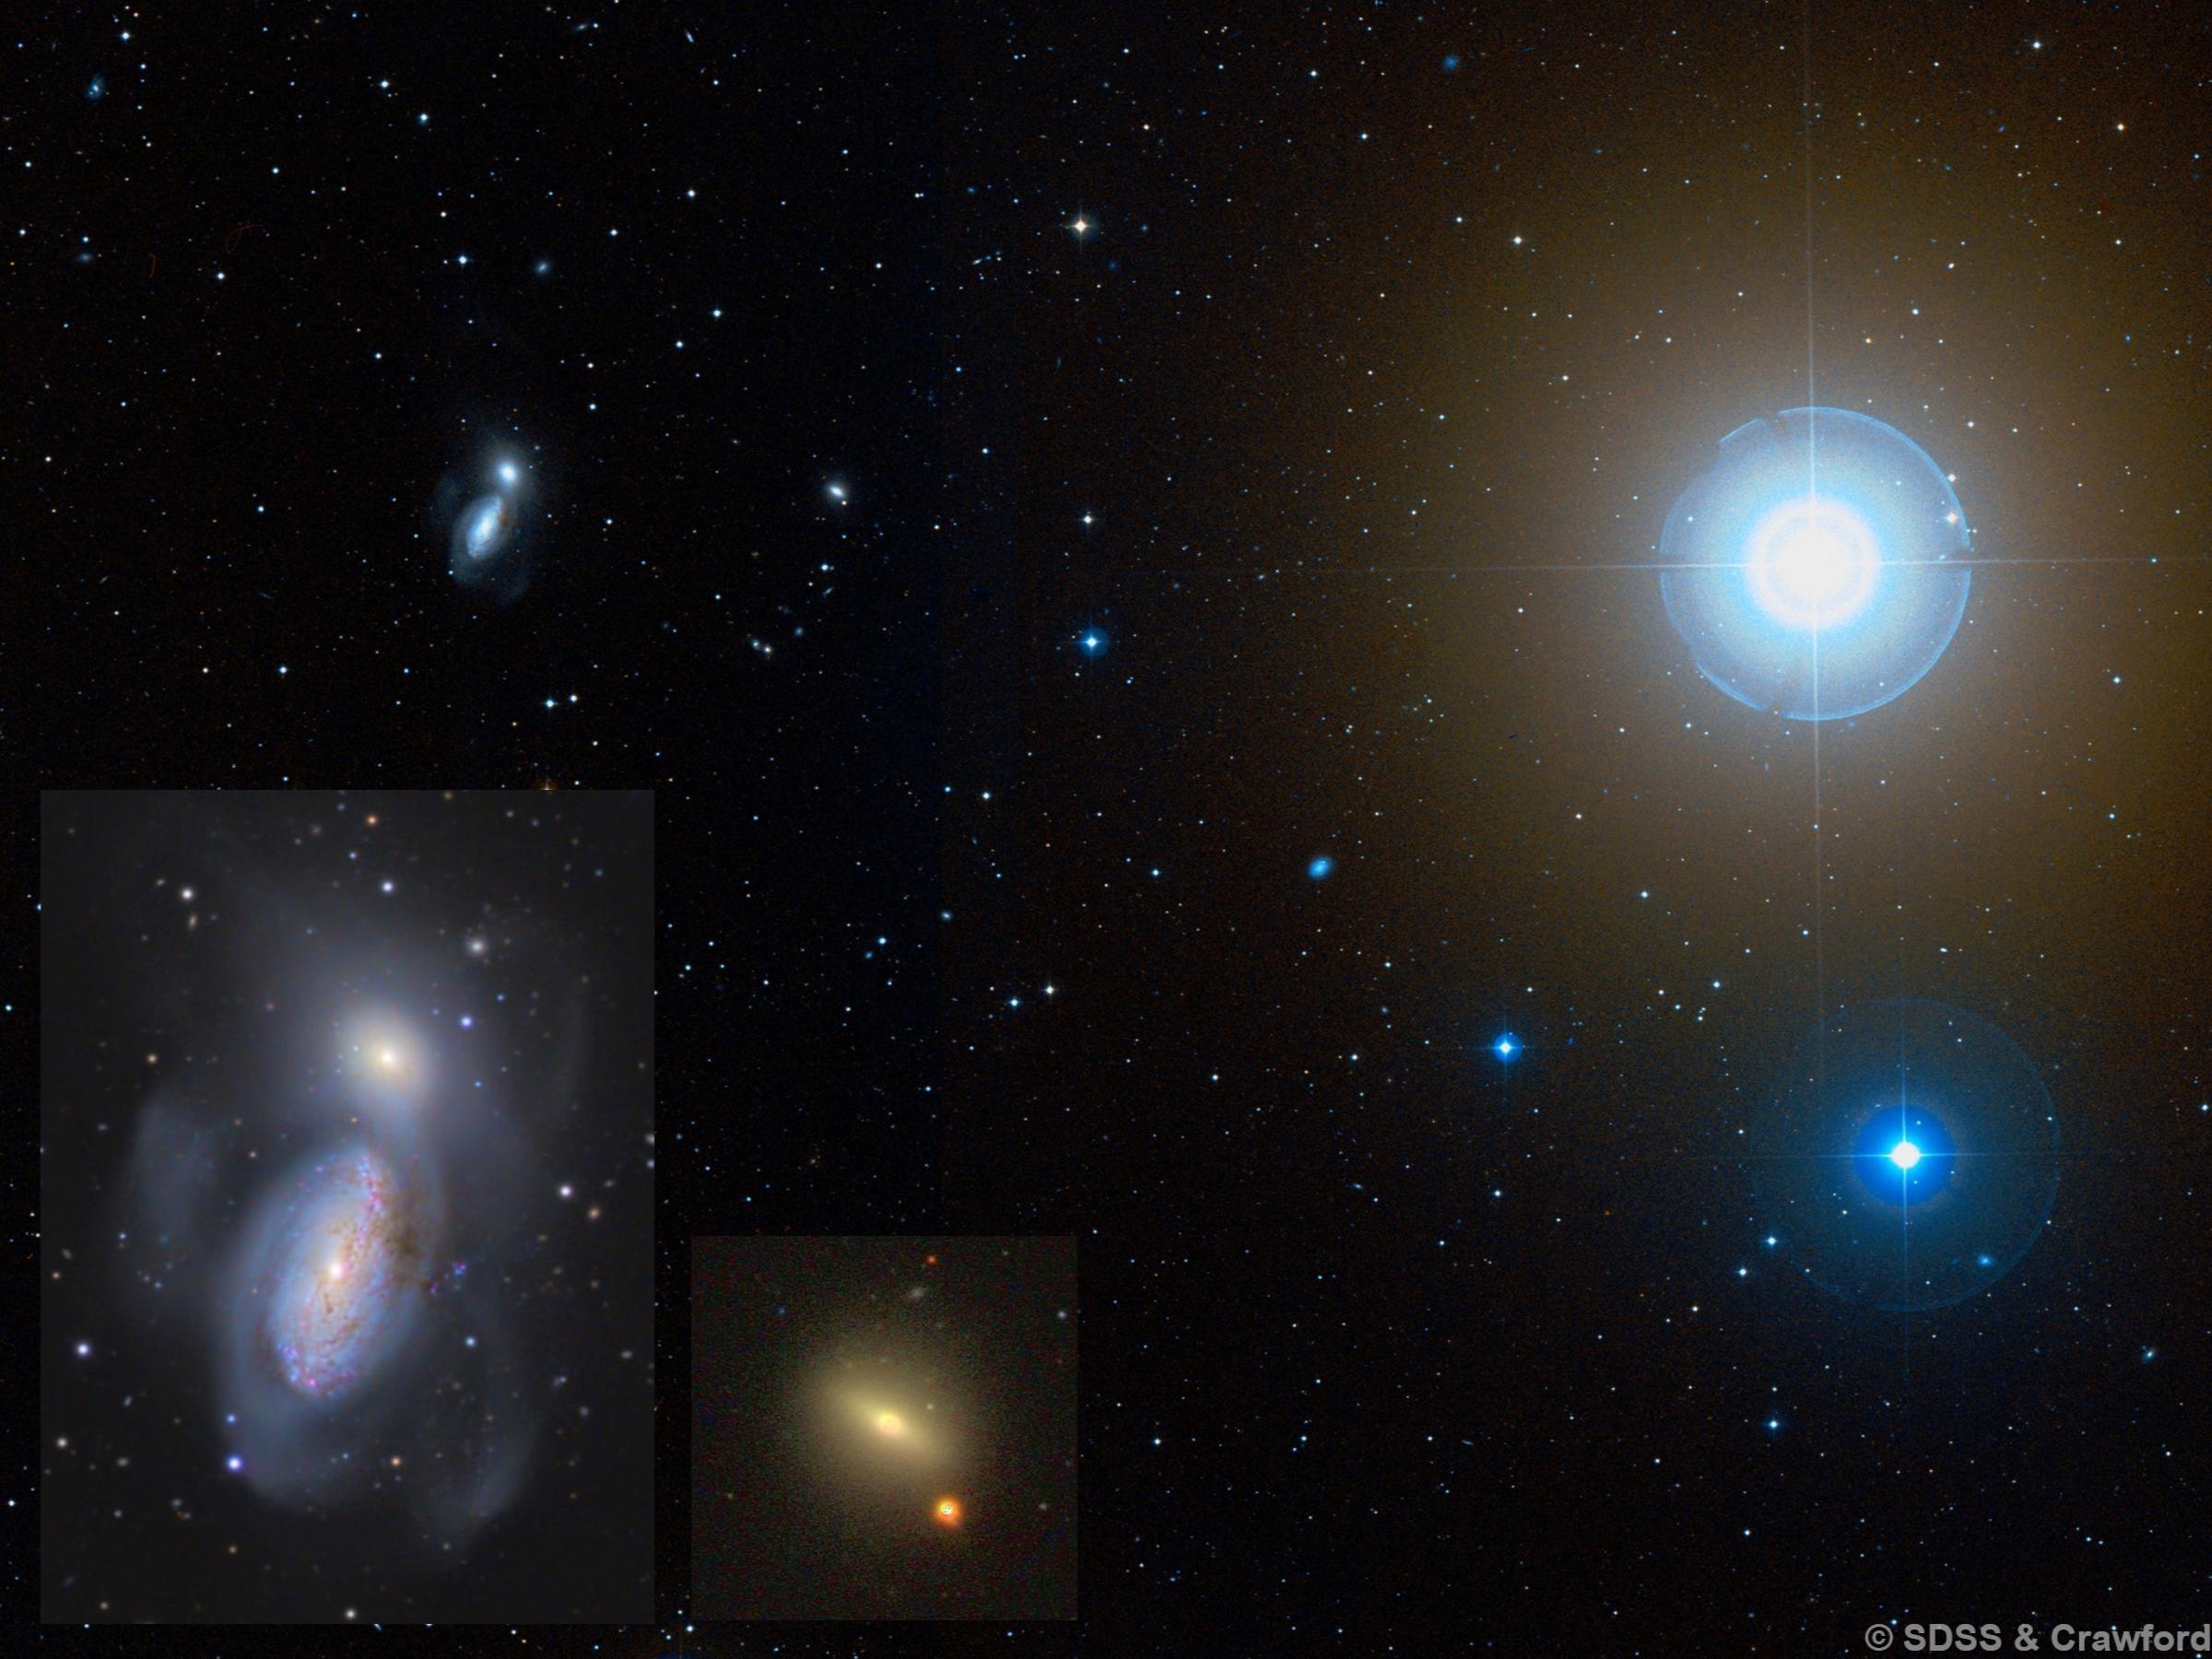 NGC 3222, NGC 3226, NGC 3227